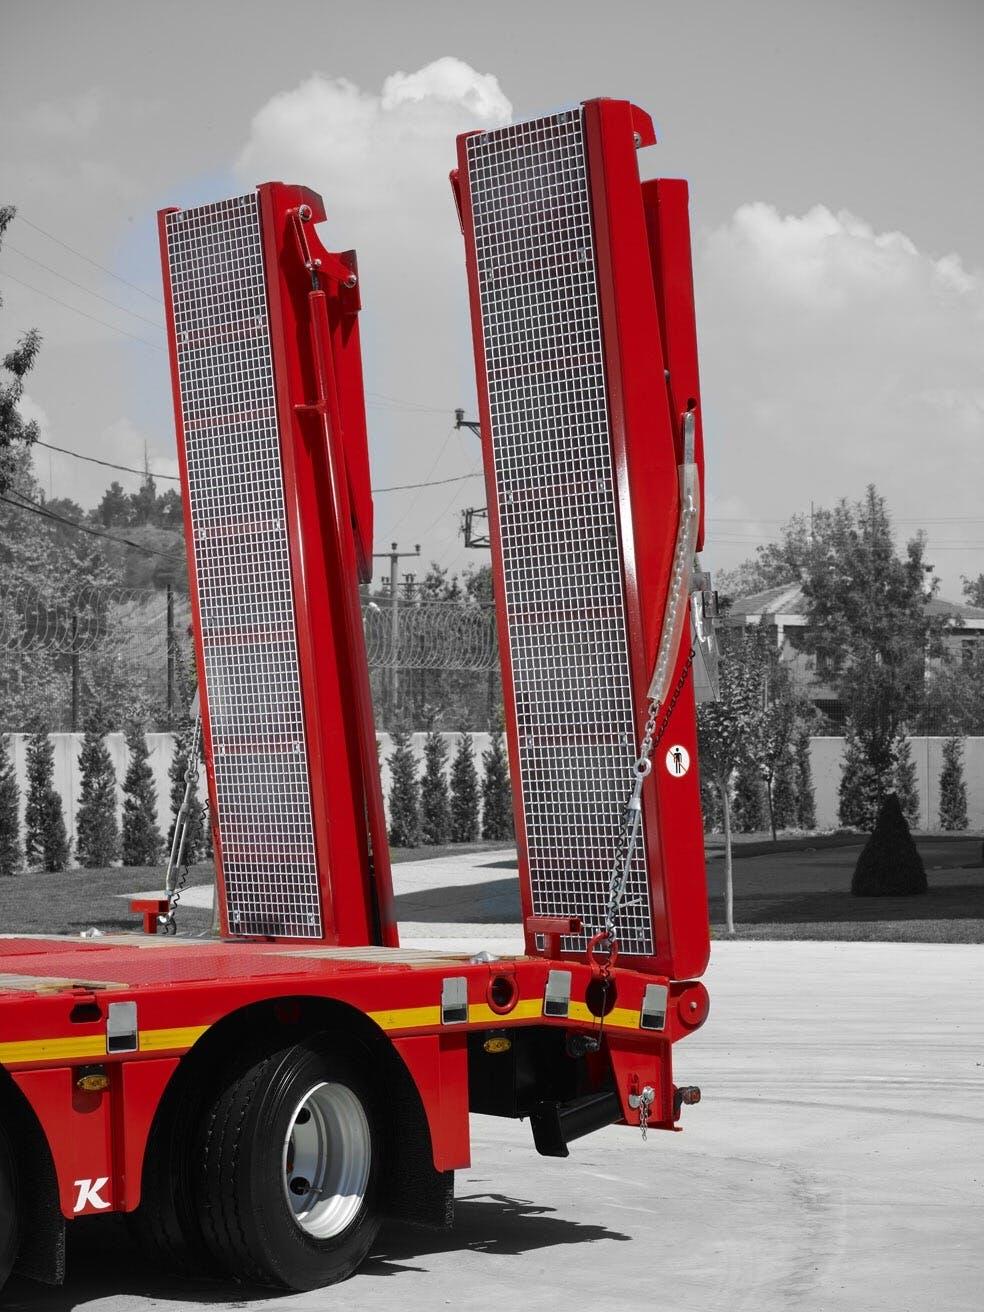 60 Ton kapasiteli, hidrolik indirilebilir galvanize kaplı çelik zeminli uzun veya kısa rampa seçenekleri